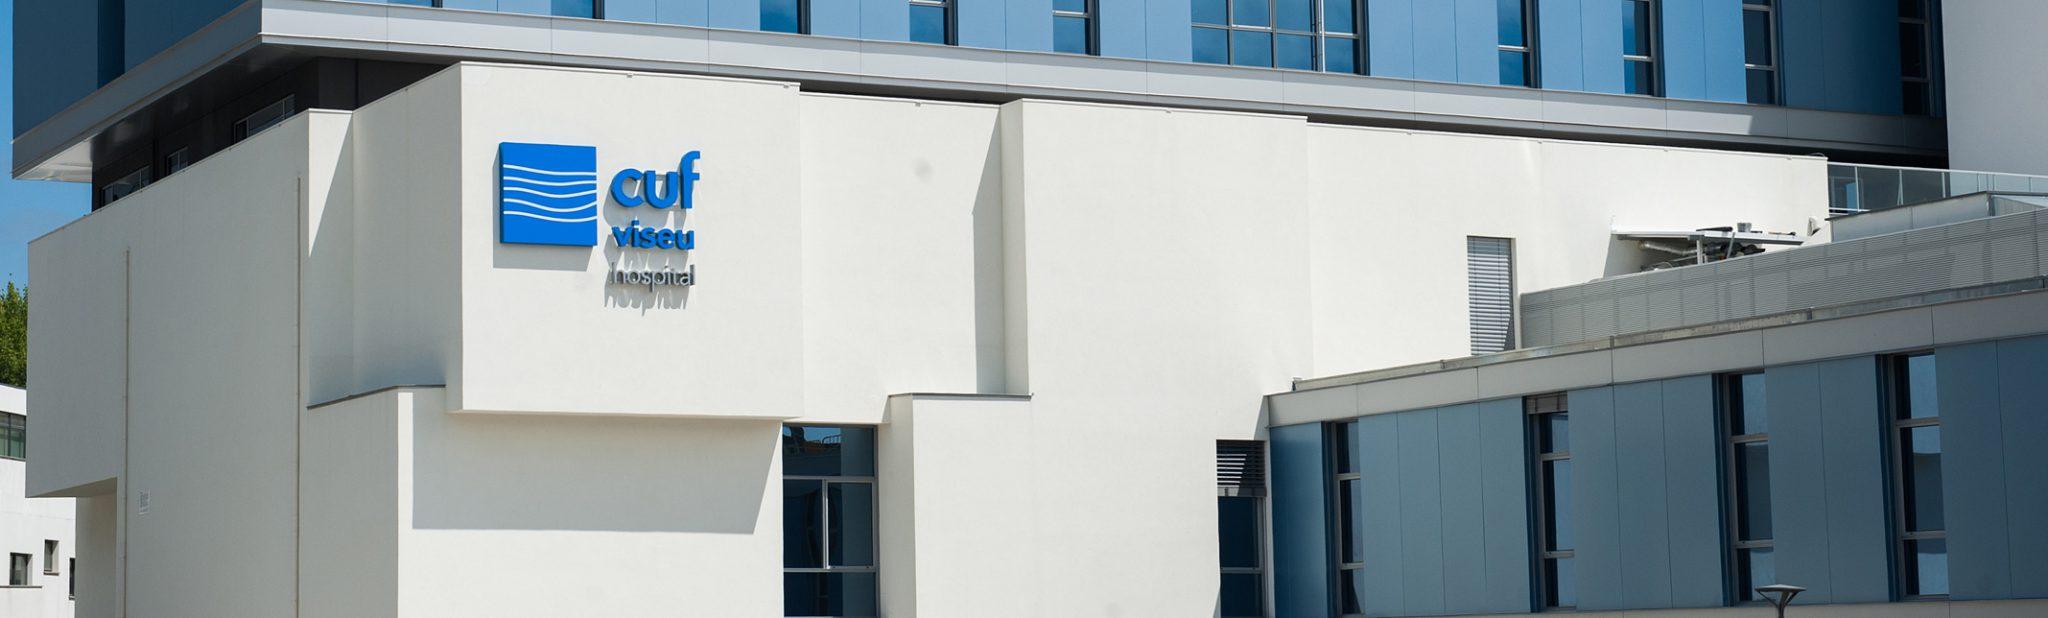 Solução ZARPH equipa novo Hospital da CUF Viseu